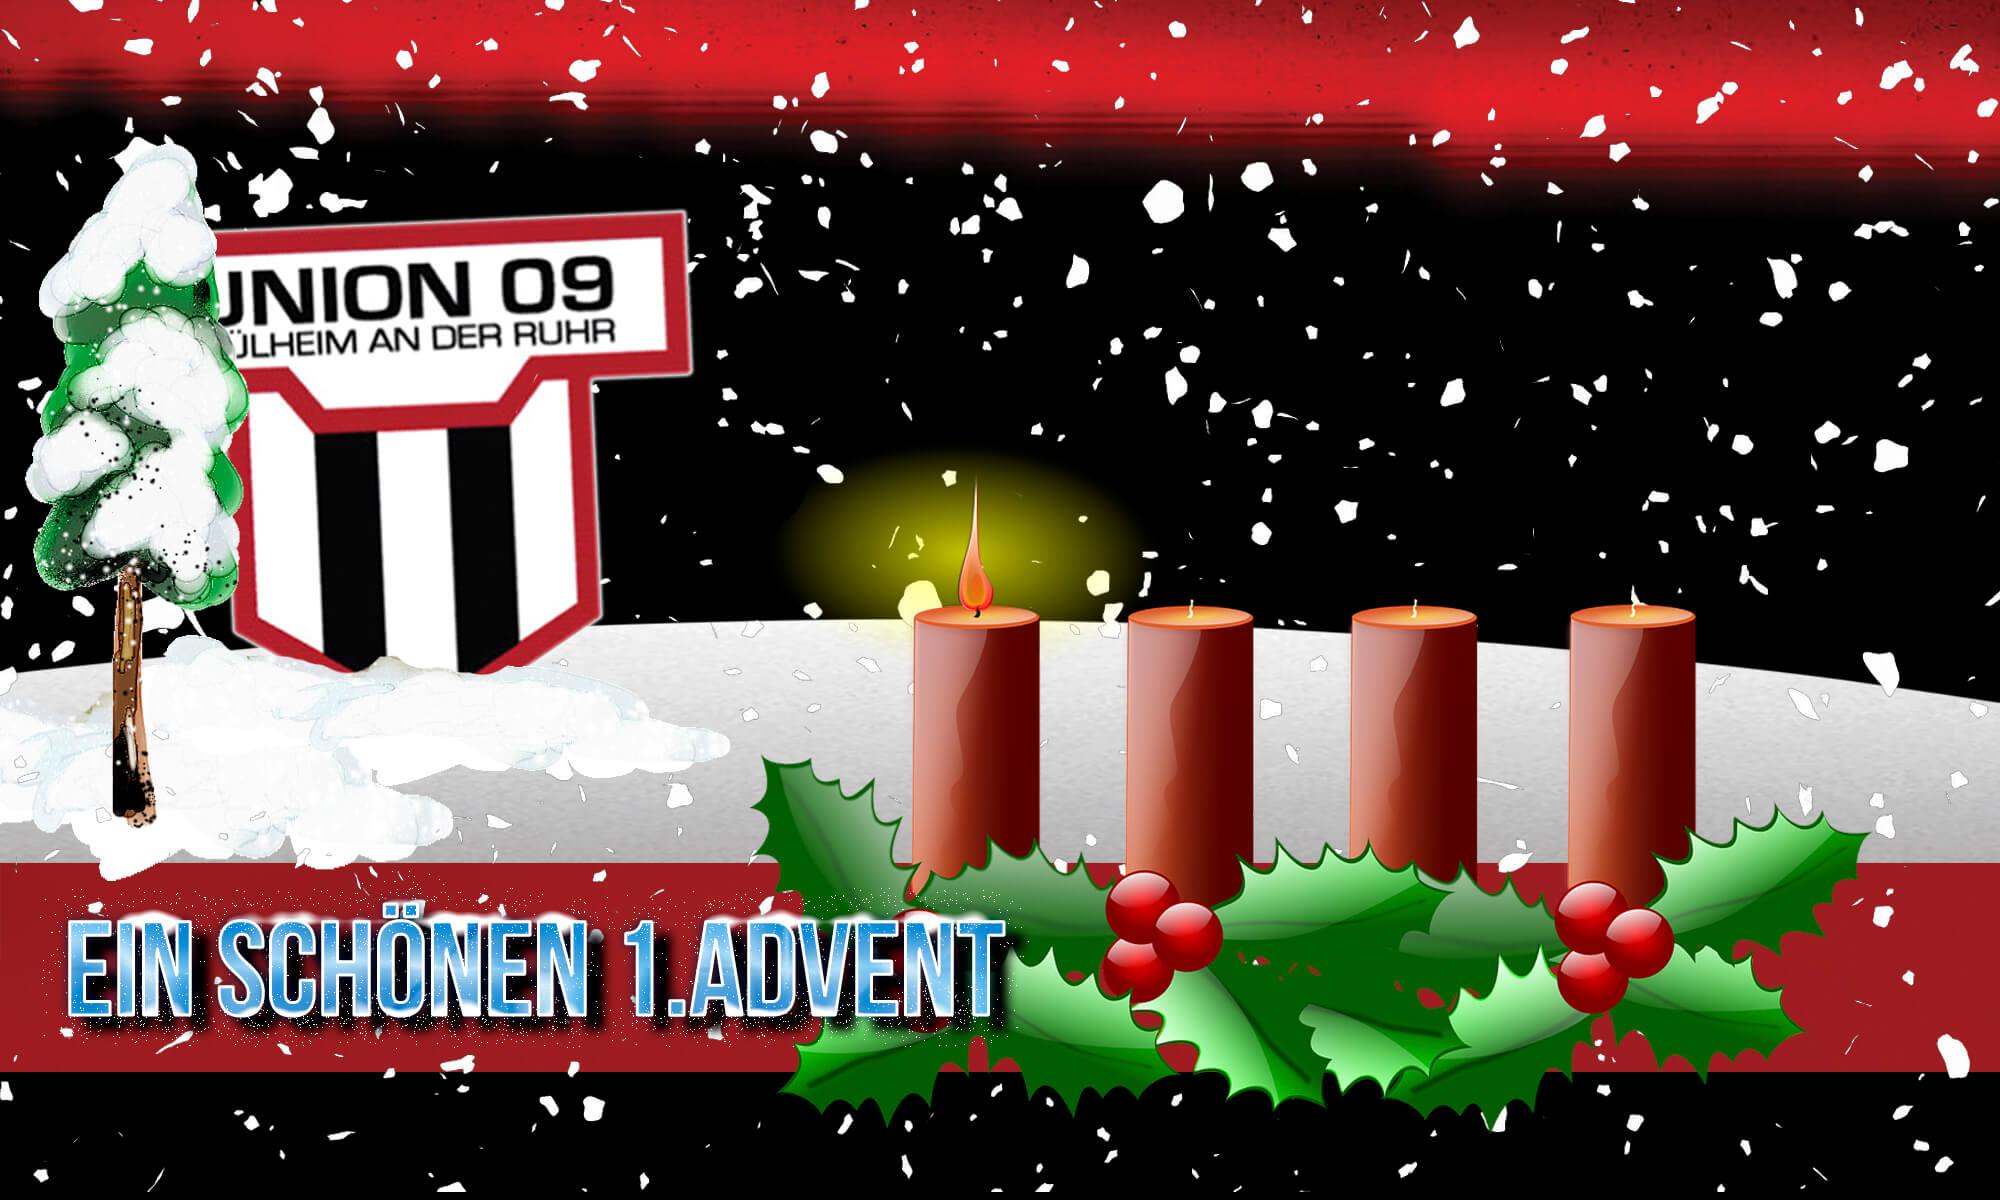 Wünschen allen ein schönen 1. Advent